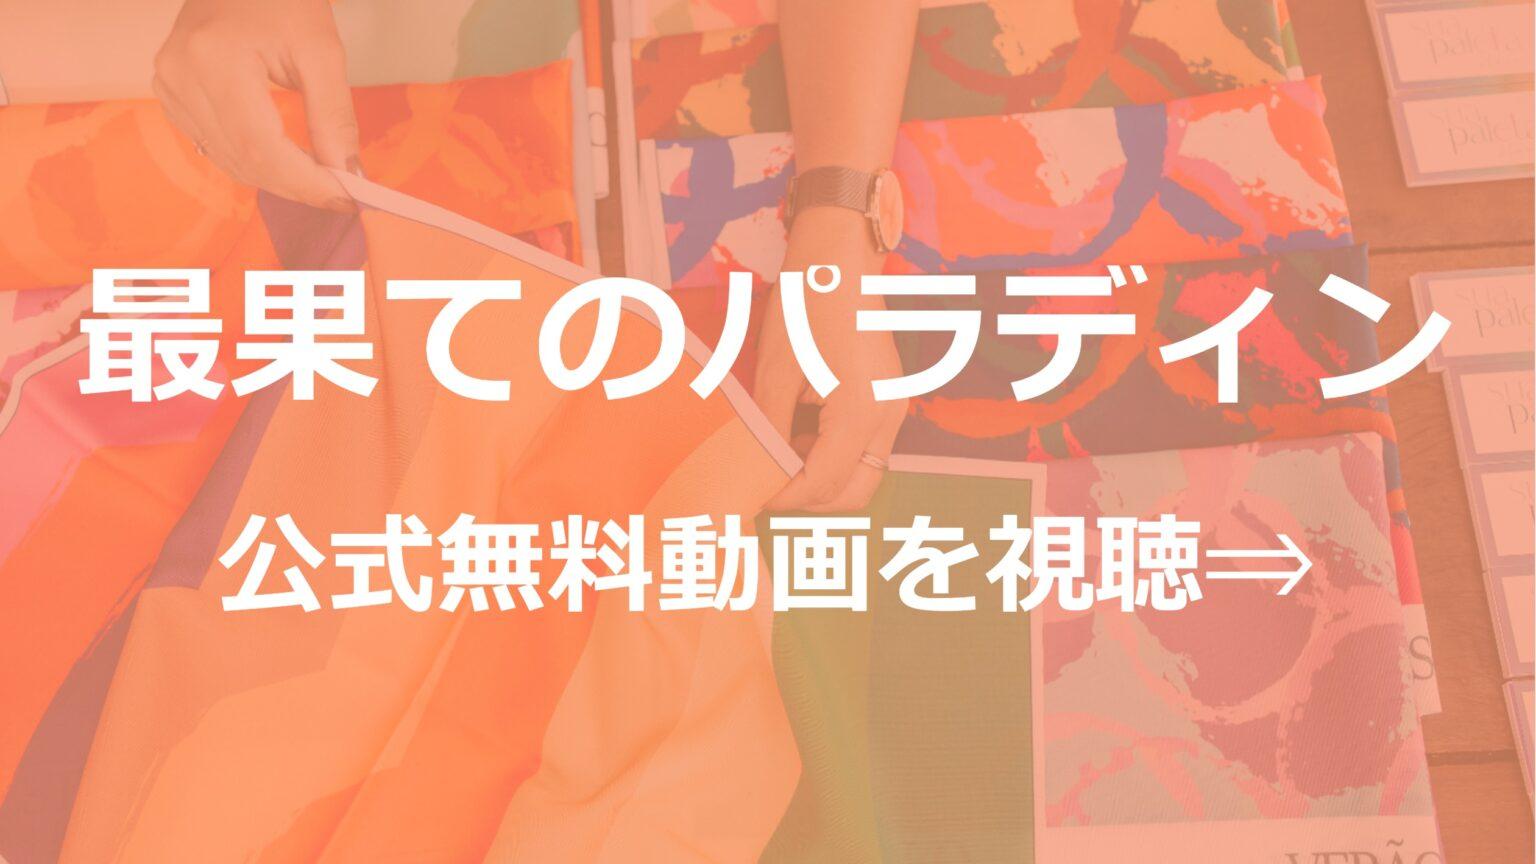 アニメ「最果てのパラディン」無料フル動画を1話~全話視聴できる公式配信サービスまとめ!